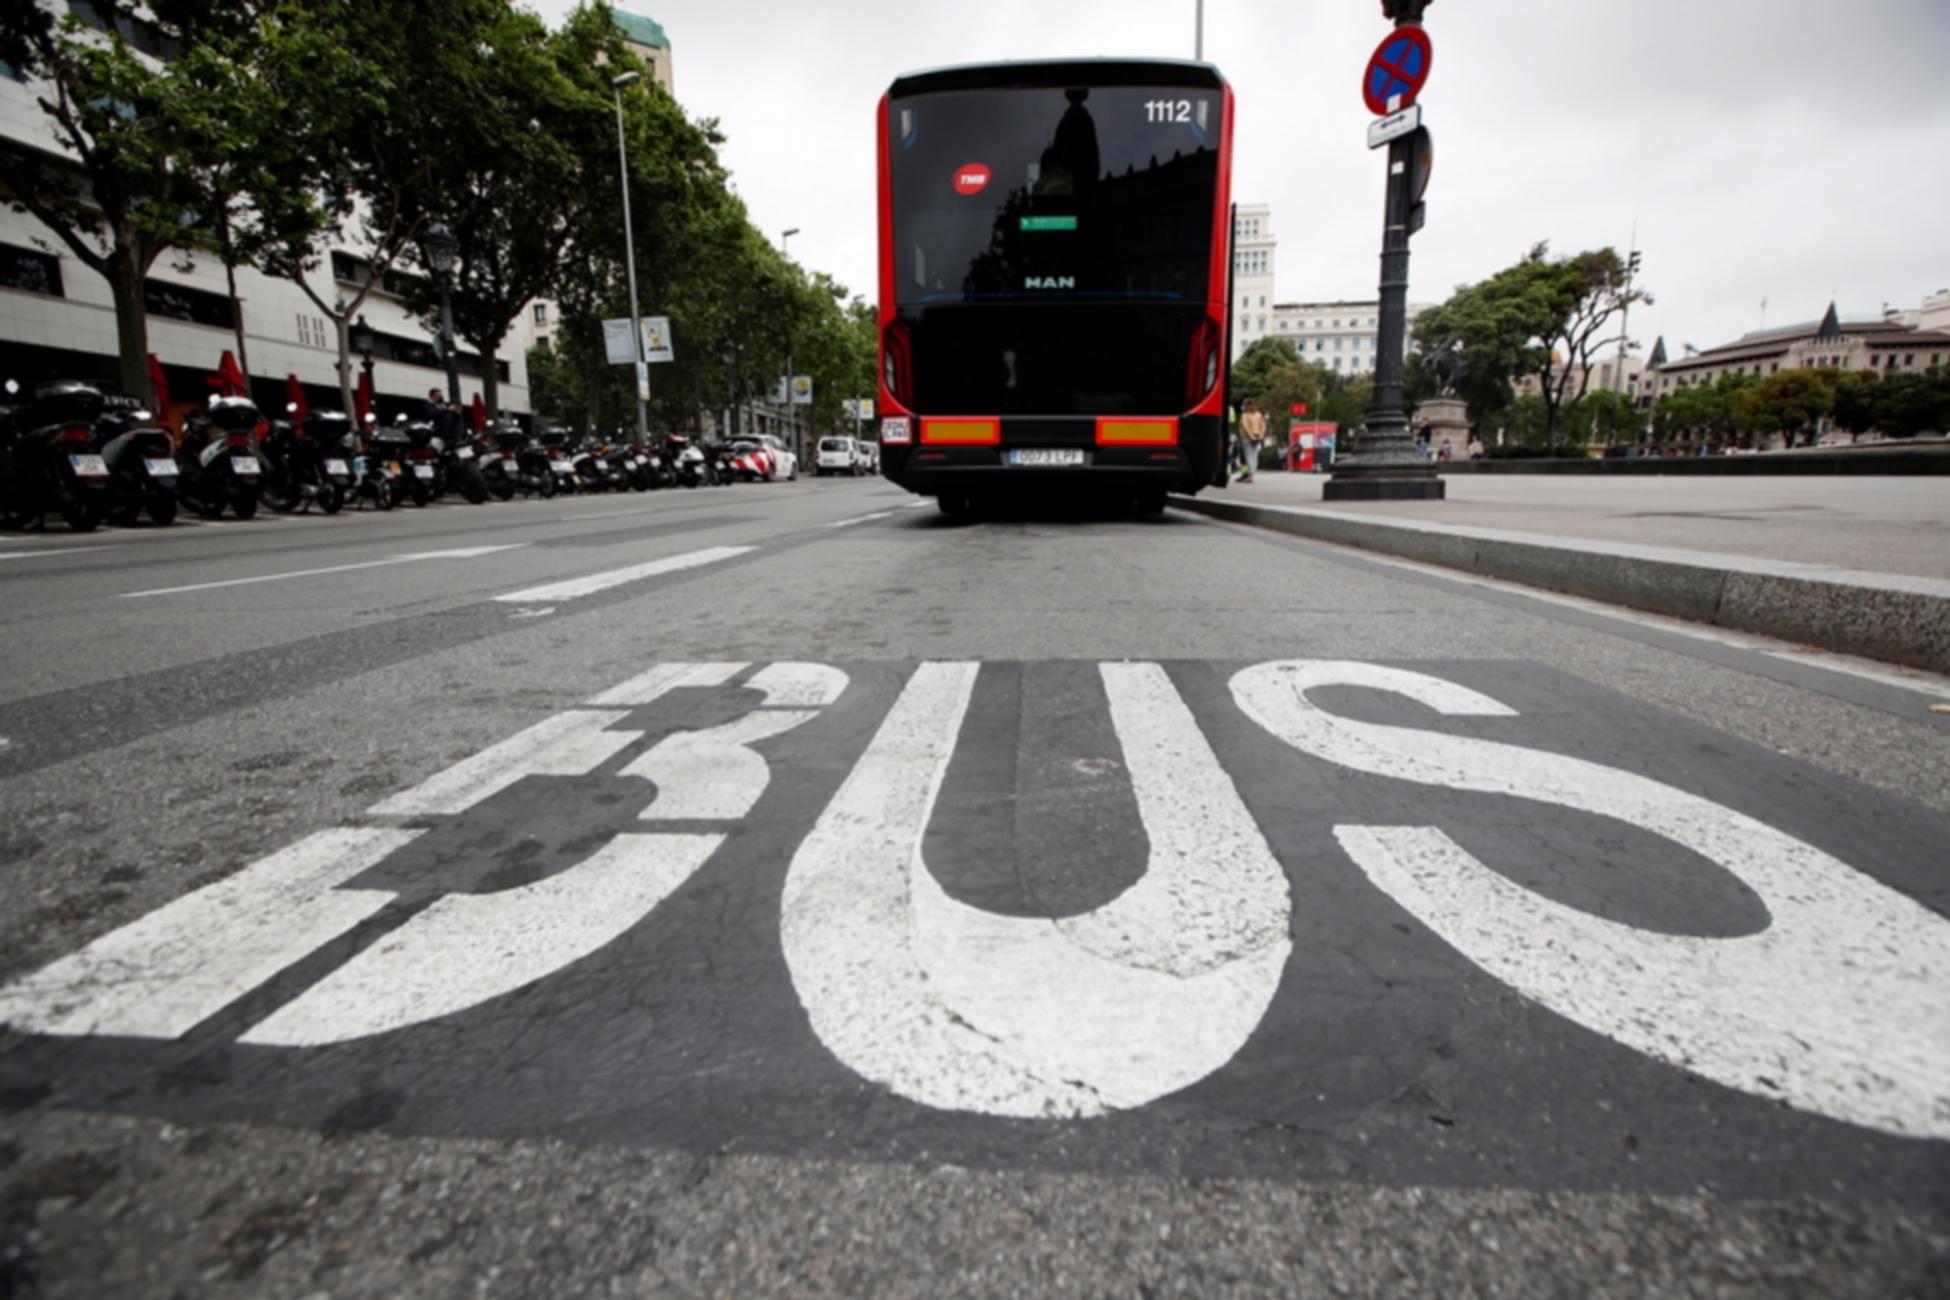 Απίθανο: Τυφλός Παραολυμπιονίκης χτυπήθηκε από λεωφορείο χωρίς οδηγό στο Ολυμπιακό Χωριό